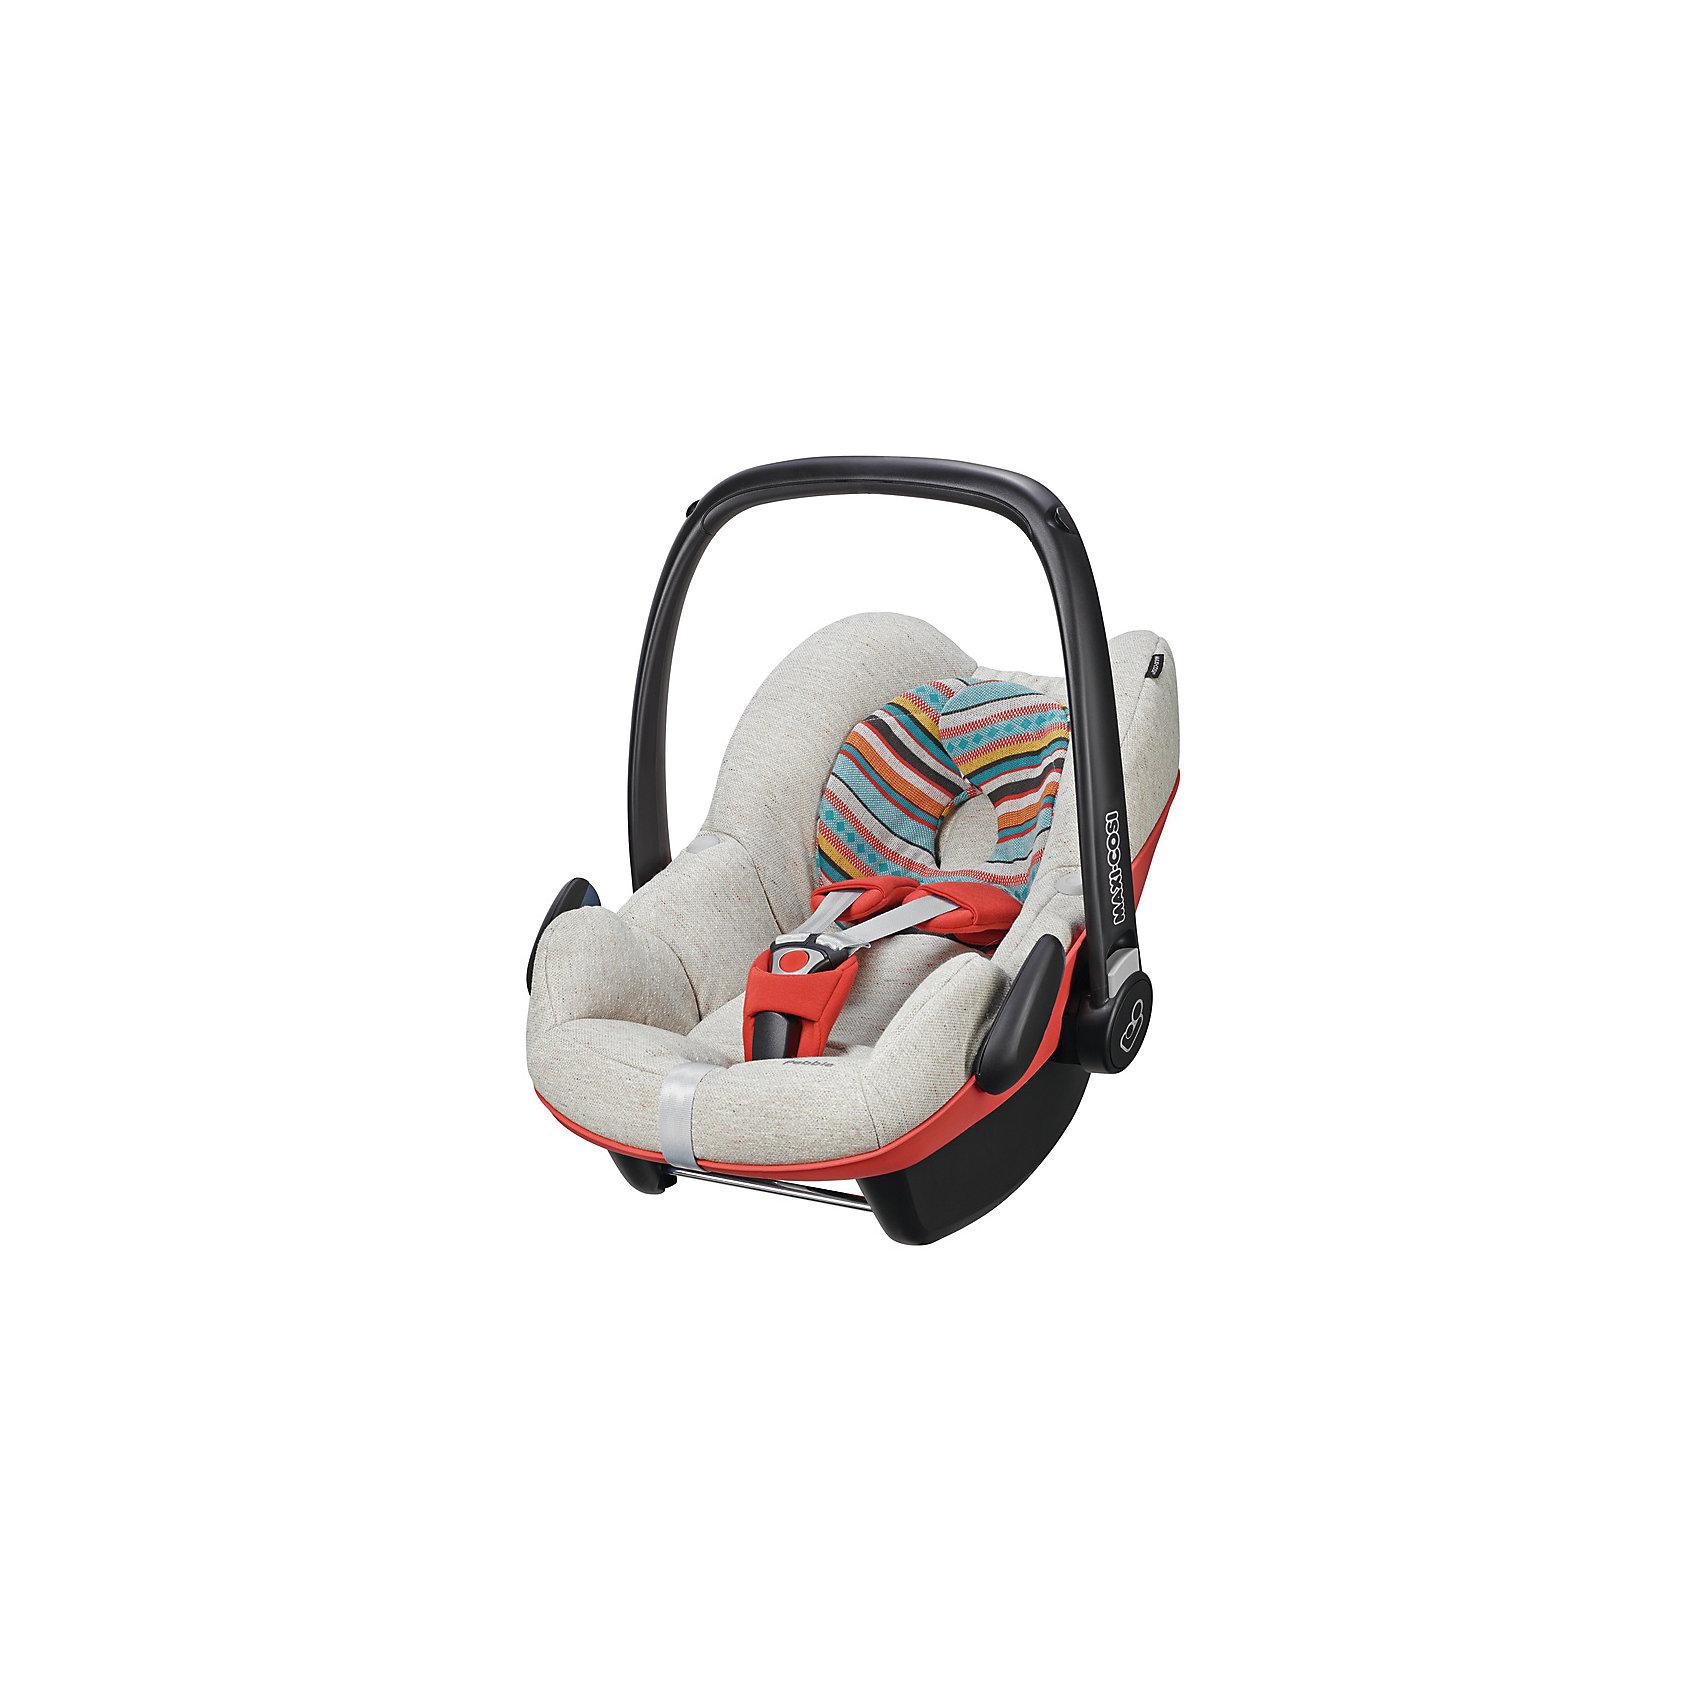 Автокресло Pebble 0-13 кг., Maxi-Cosi, Folkloric RedПрекрасное кресло для самых маленьких деток! Автокресло прекрасно подойдет для малышей от 0 до 15 месяцев. Кресло крепиться штатными ремнями безопасности против хода движения, так же кресло имеет специальную ногу-опору, которая не дает ему перевернуться. Внутри сидения есть регулируемые трех точечные ремни безопасности, а еще есть дополнительная подушечка, которая размещается под головой и спинкой ребенка.<br><br>Дополнительная информация:<br><br>- Возраст: с рождения до 15 месяцев. ( от 0 до 13 кг.)<br>- Цвет: Folkloric Red.<br>- Размер: 73x46x52 см. <br>- Общий вес: 4 кг.<br><br>Купить автокресло Pebble (0-13 кг.) в цвете Folkloric Red, можно в нашем магазине.<br><br>Ширина мм: 445<br>Глубина мм: 375<br>Высота мм: 725<br>Вес г: 3300<br>Возраст от месяцев: 0<br>Возраст до месяцев: 12<br>Пол: Унисекс<br>Возраст: Детский<br>SKU: 4975087